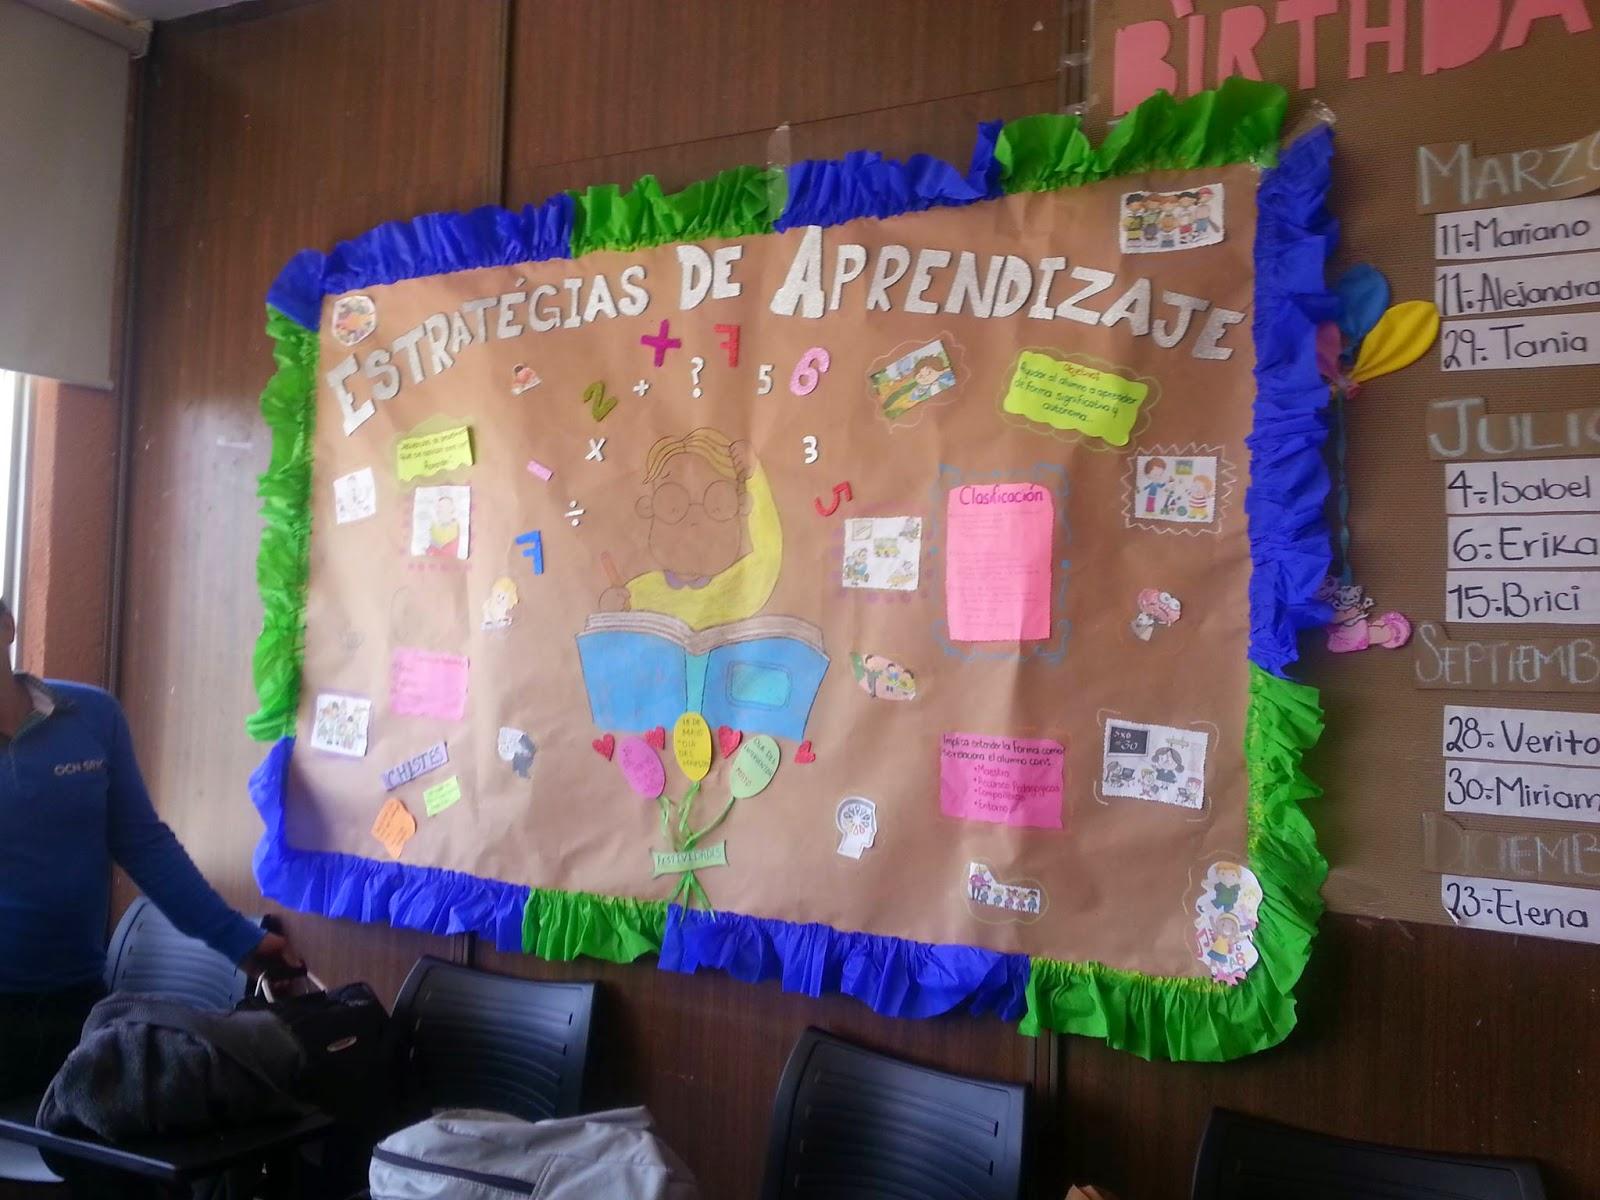 Ambientes de aprendizaje for Como decorar un mural